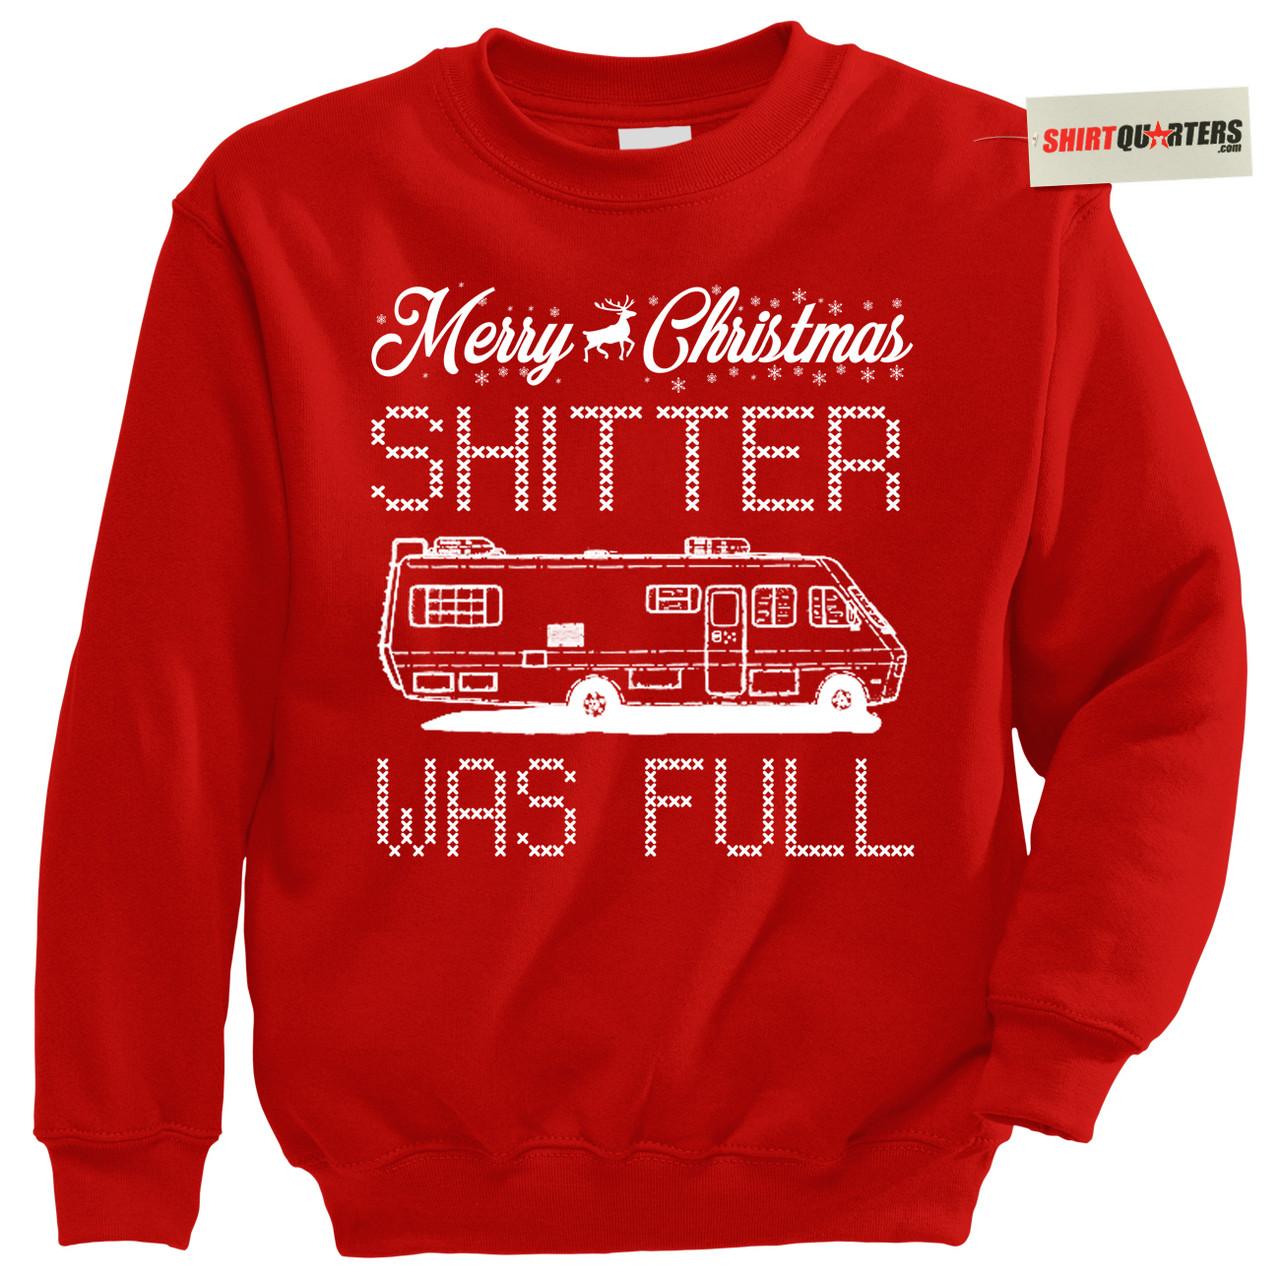 aa7f84ae7f1 Merry Christmas Shitter Was Full Sweatshirt - Shirtquarters